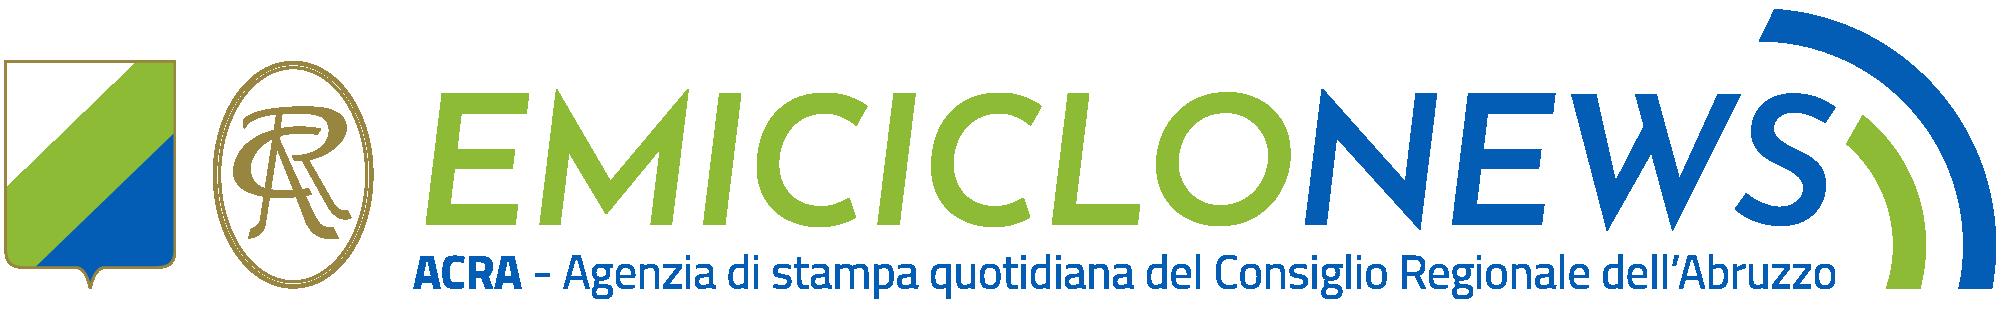 Emiciclo News - ACRA - Agenzia di stampa quotidiana del Consiglio Regionale dell'Abruzzo